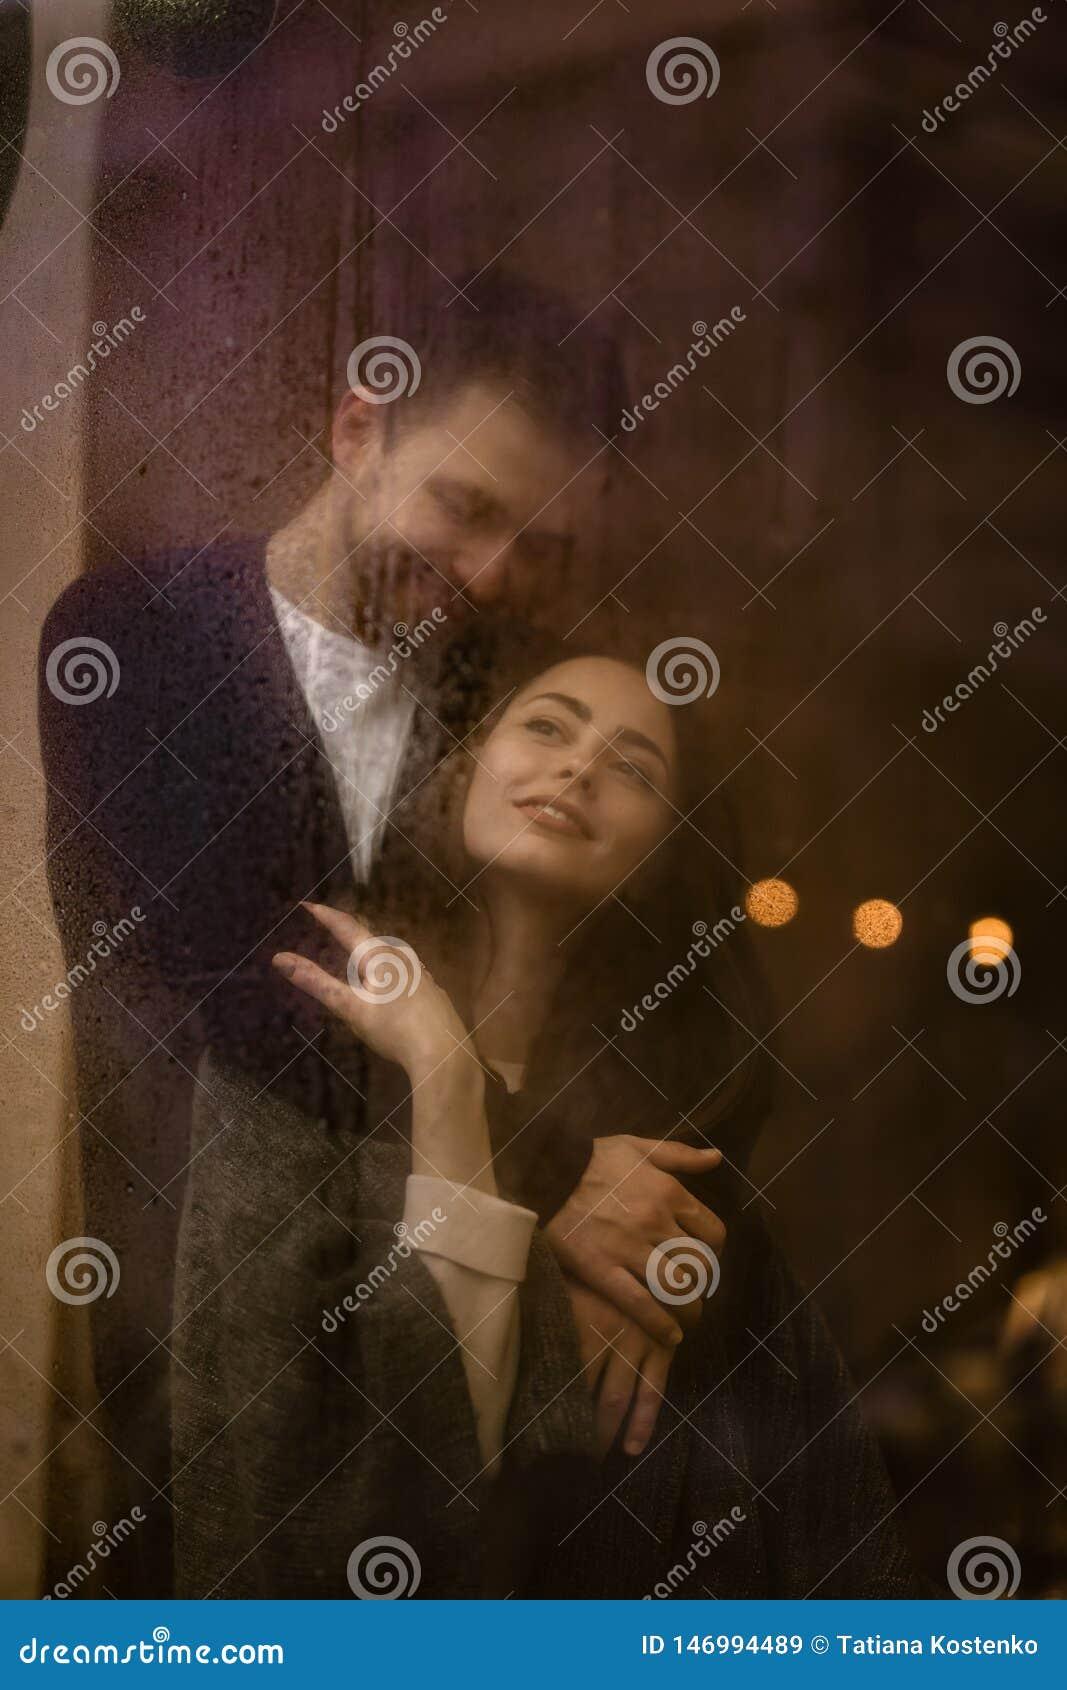 Den romantiska älska grabben kramar hans lyckliga flickvänanseende bak ett vått fönster med ljus